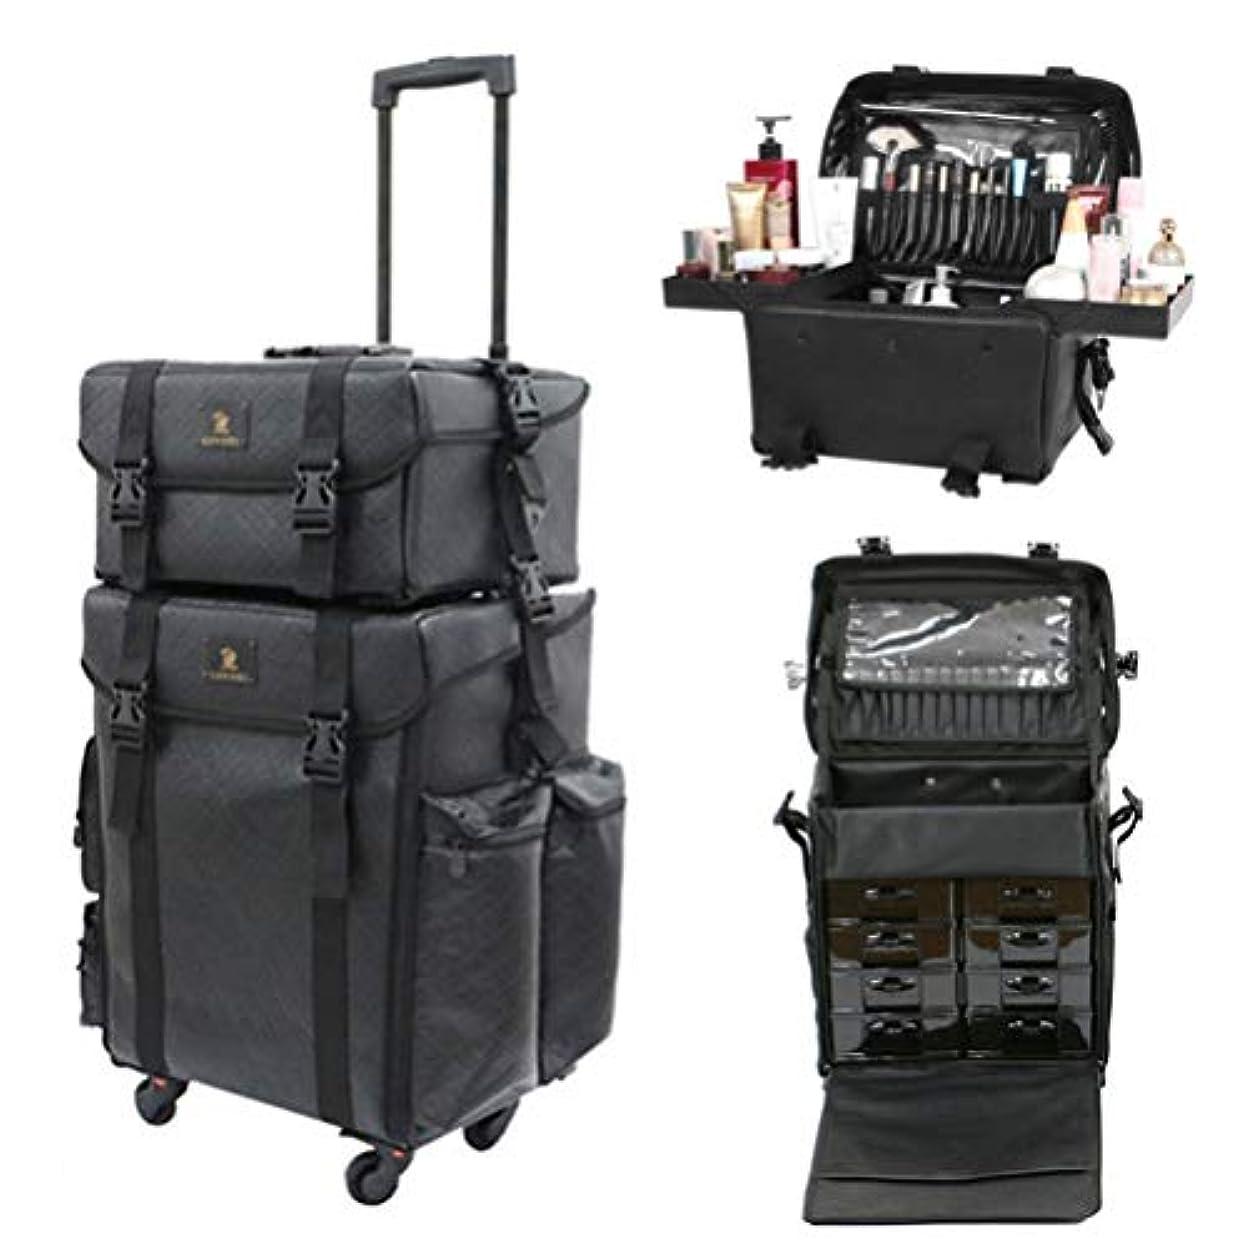 ぼんやりしたサイバースペース援助するLUVODI メイクボックス 大容量 プロ コスメボックス 旅行 引き出し 化粧品収納 メイクキャリーケース 美容師 化粧箱 防水 レザー 黒